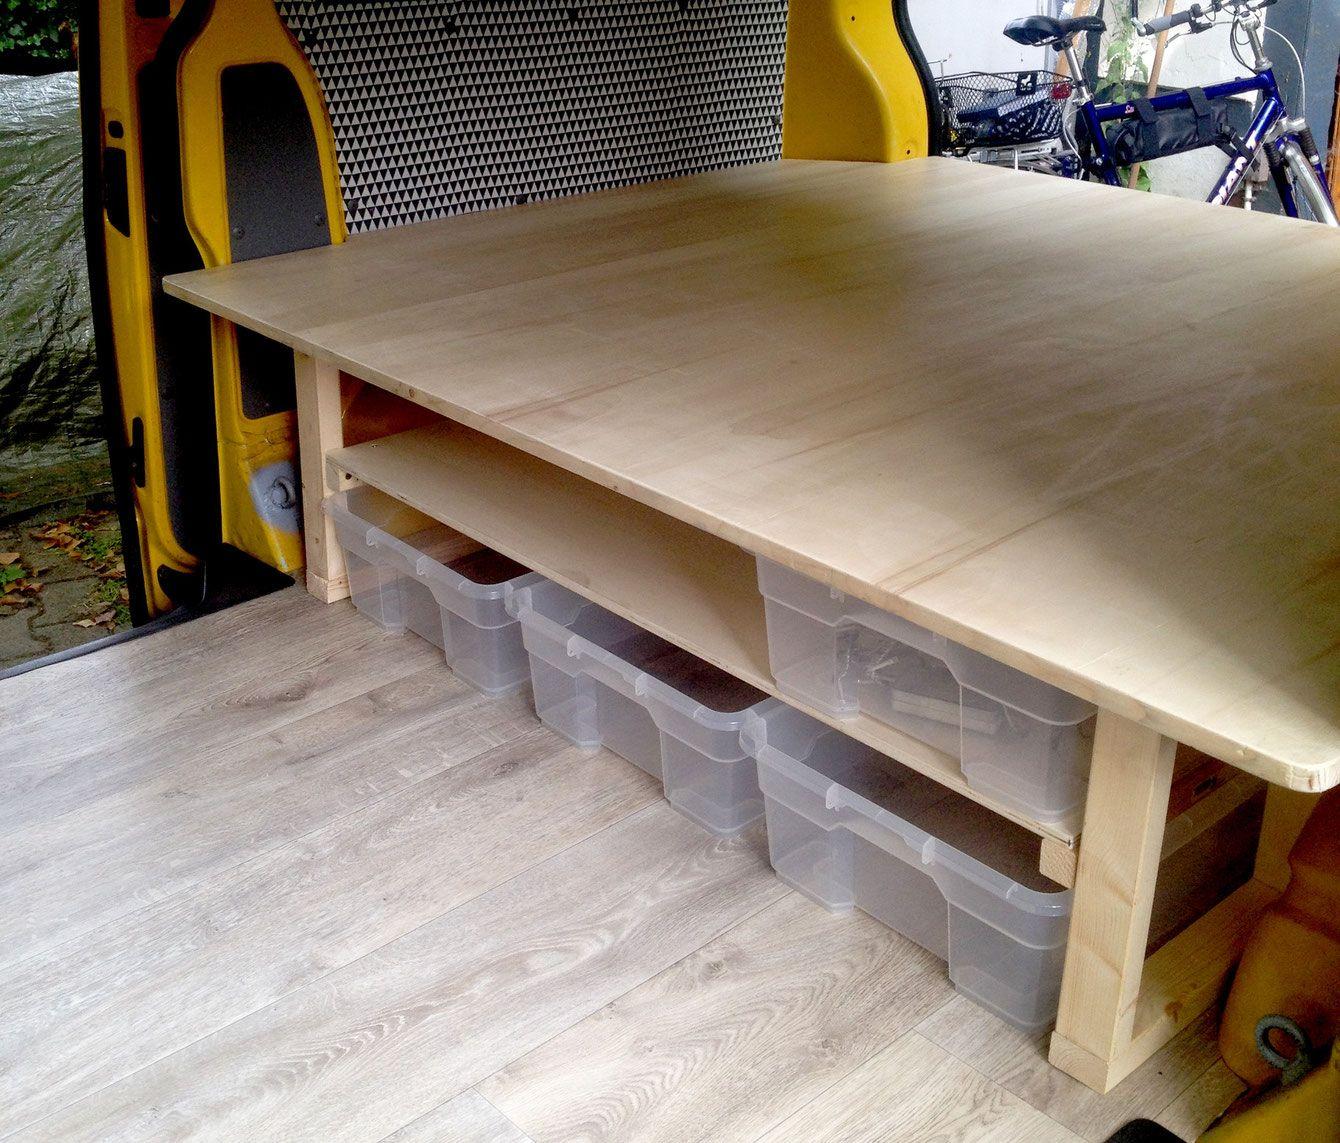 t5 ausbau bett von t5 innenausbau pinterest ausbau bett und vw bus ausbau. Black Bedroom Furniture Sets. Home Design Ideas